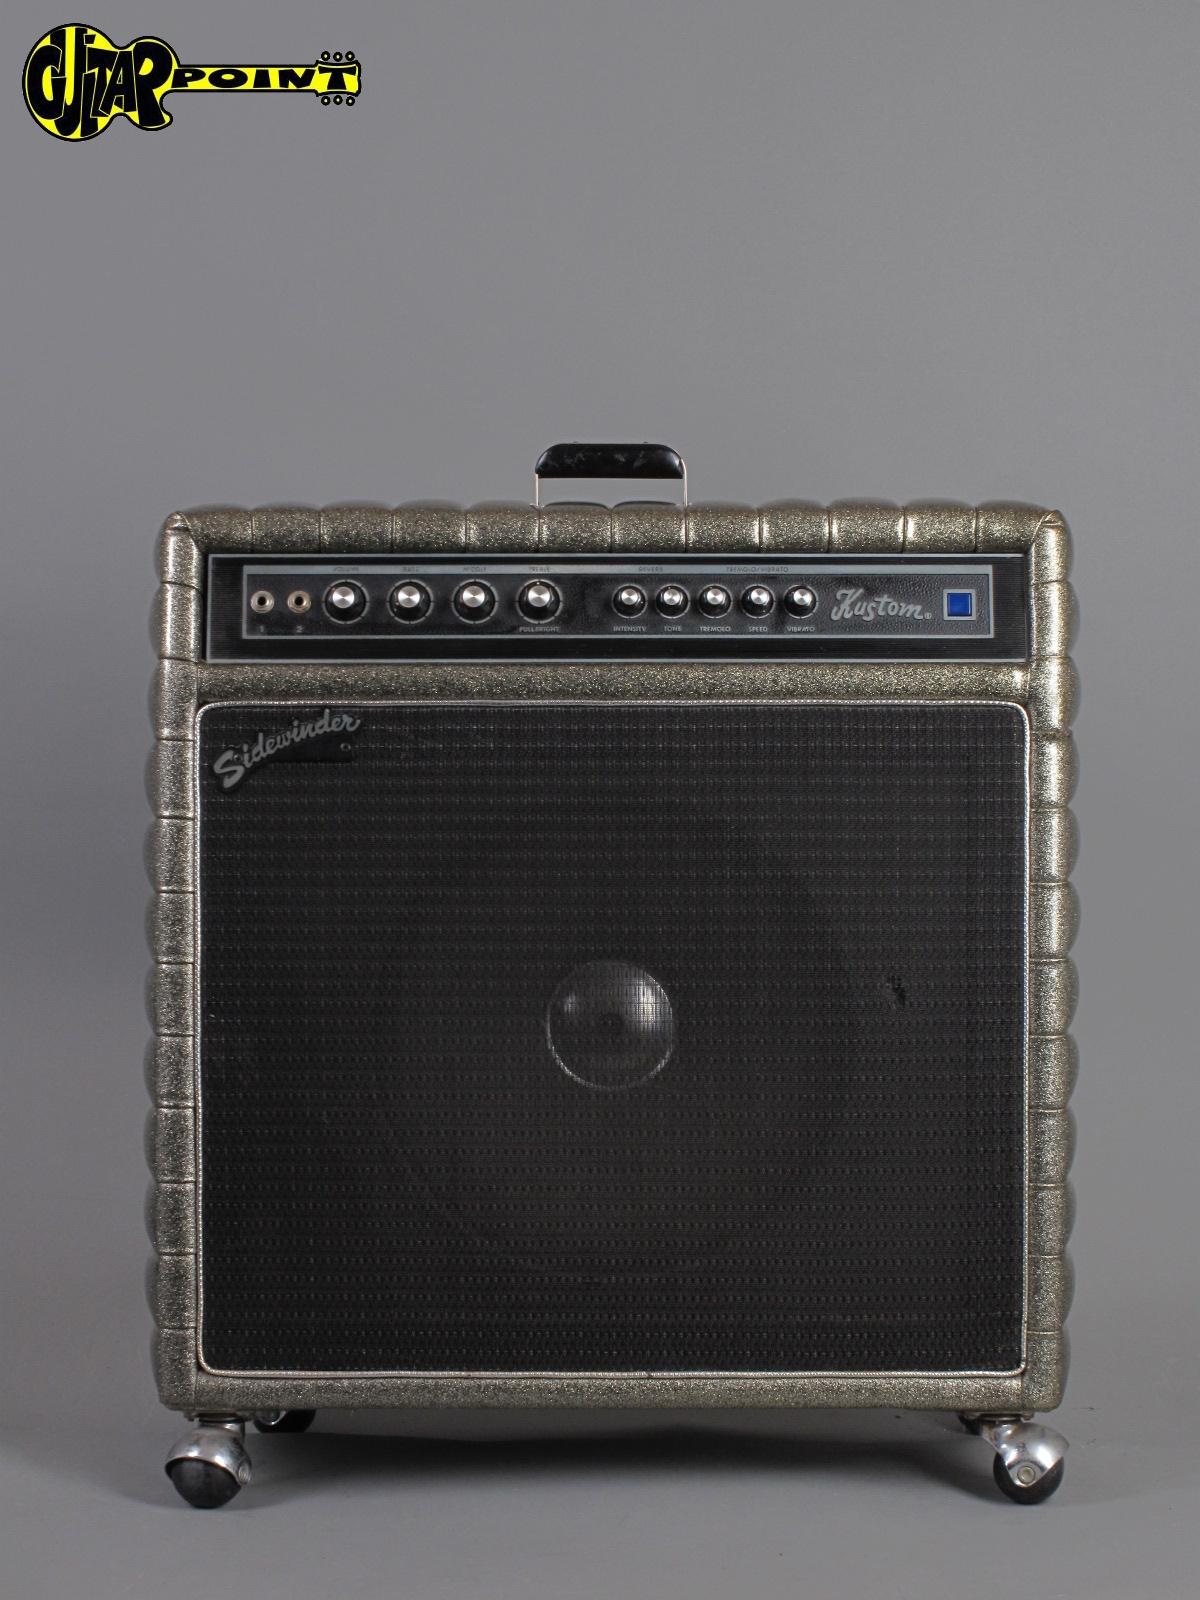 kustom sidewinder 24 c tuck roll 1972 gold sparkle amp for sale guitarpoint. Black Bedroom Furniture Sets. Home Design Ideas